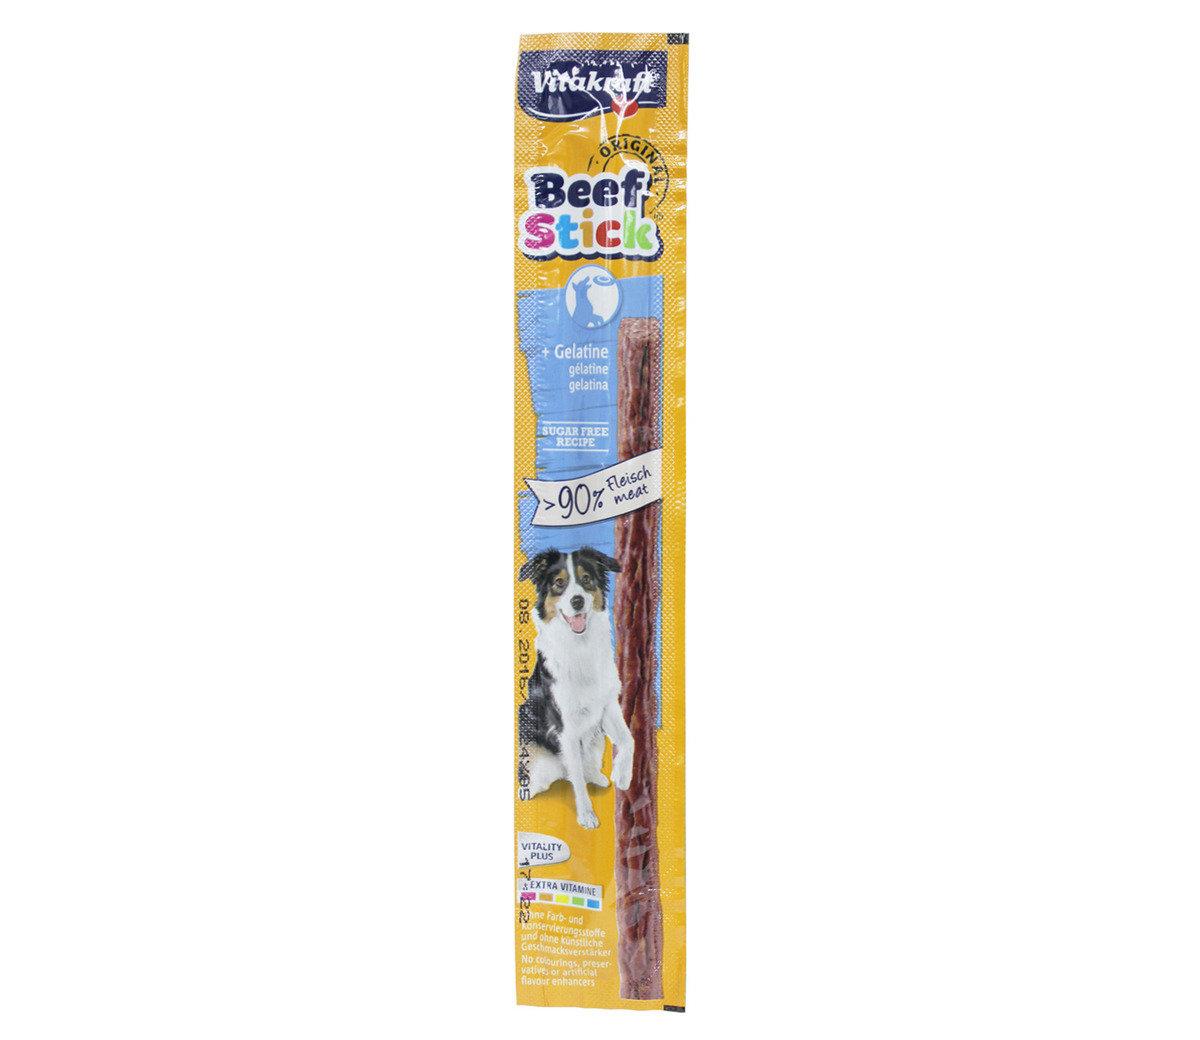 骨膠豐牛條1支莊(12克)